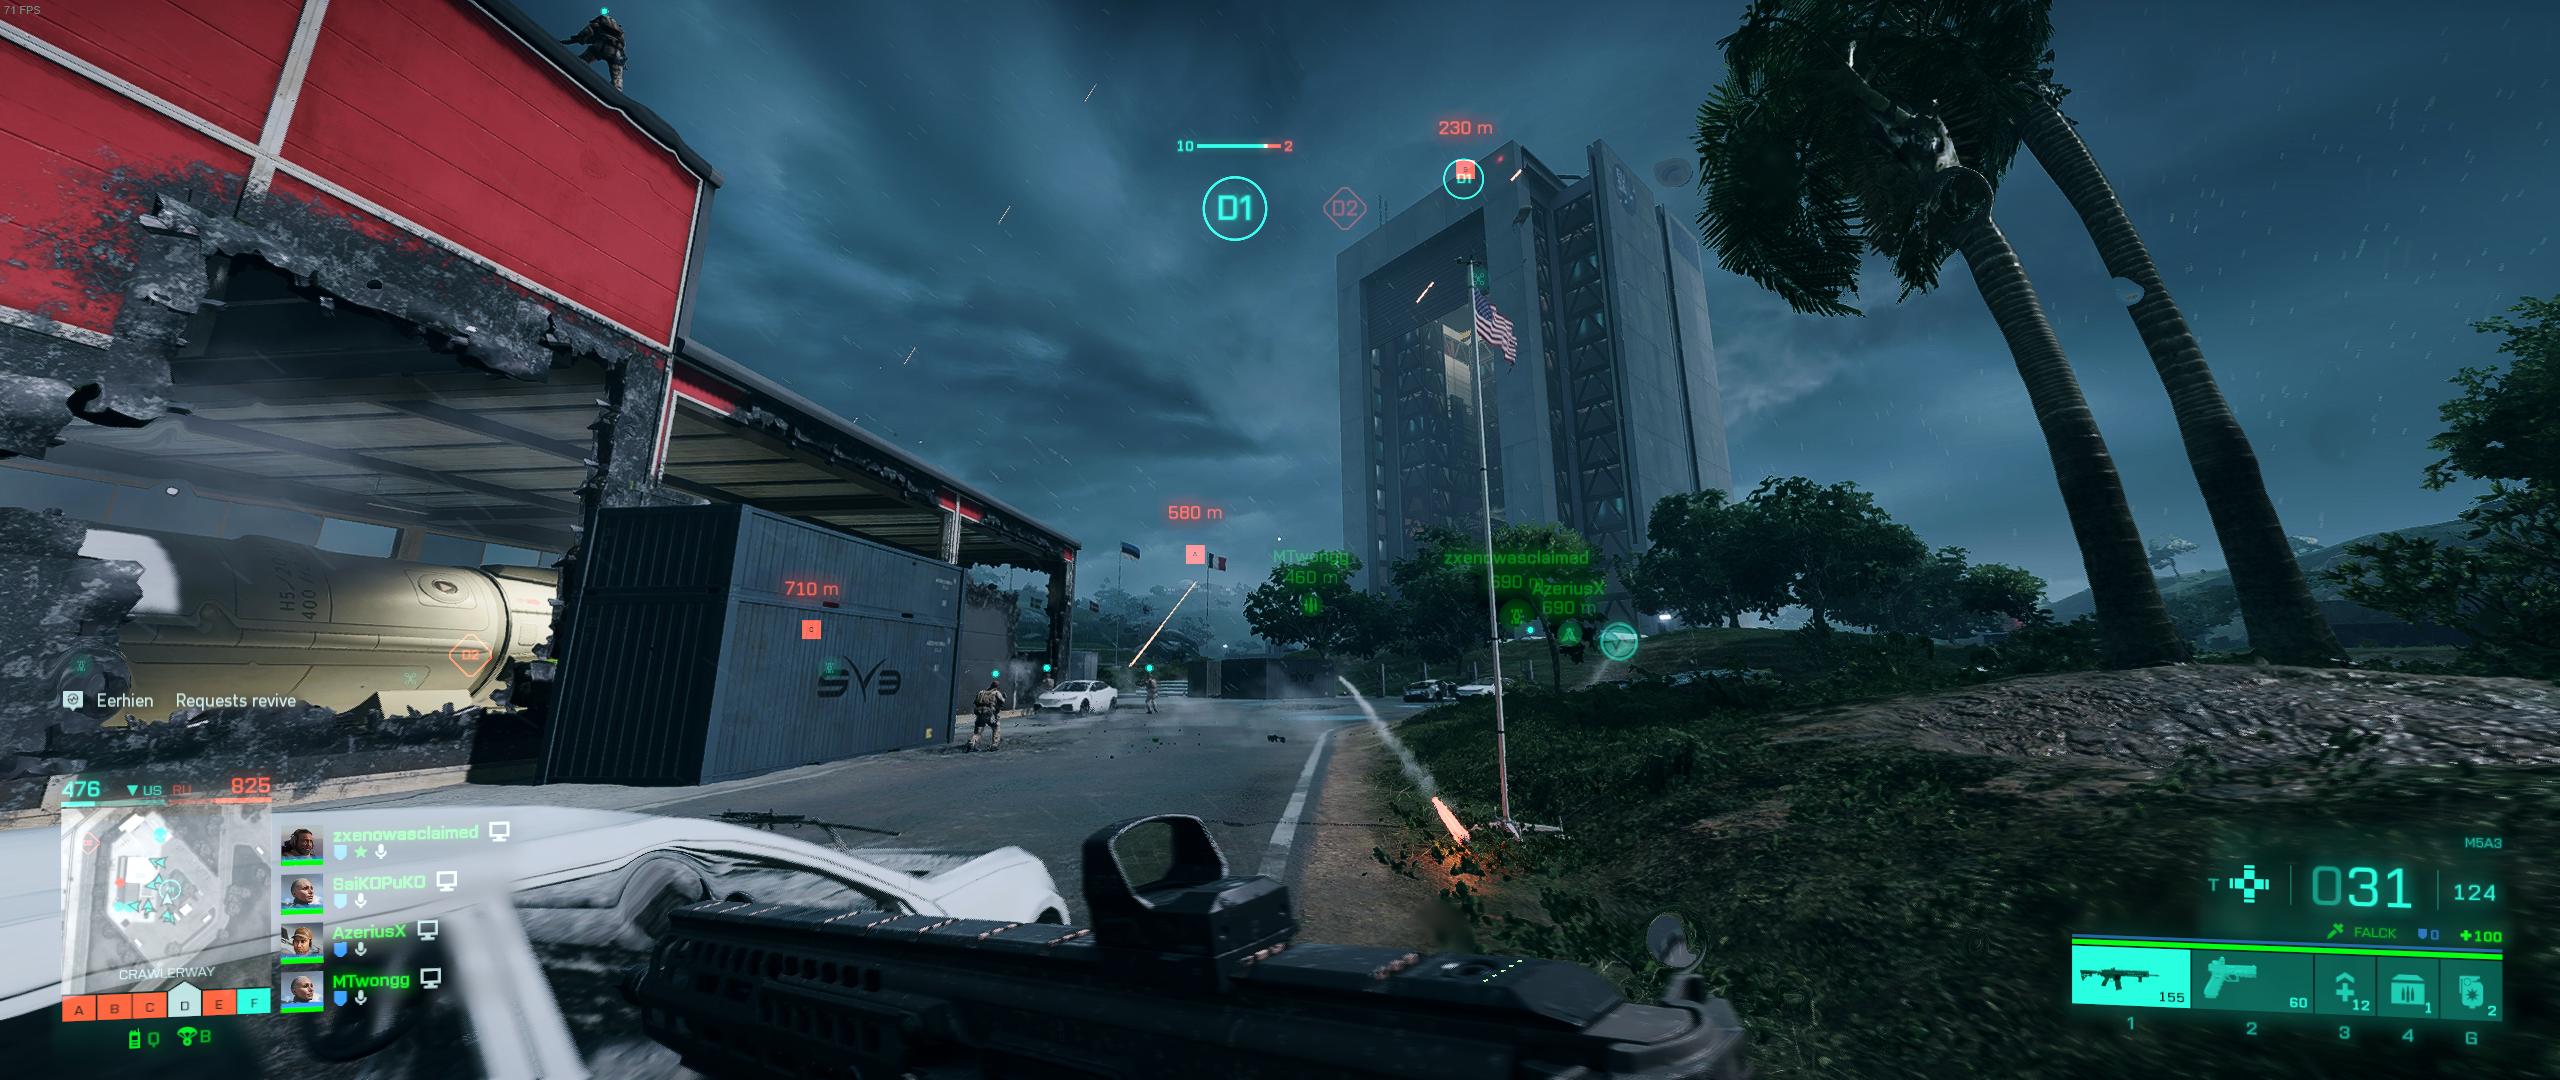 Battlefield-2042-Screenshot-2021-10-08-2